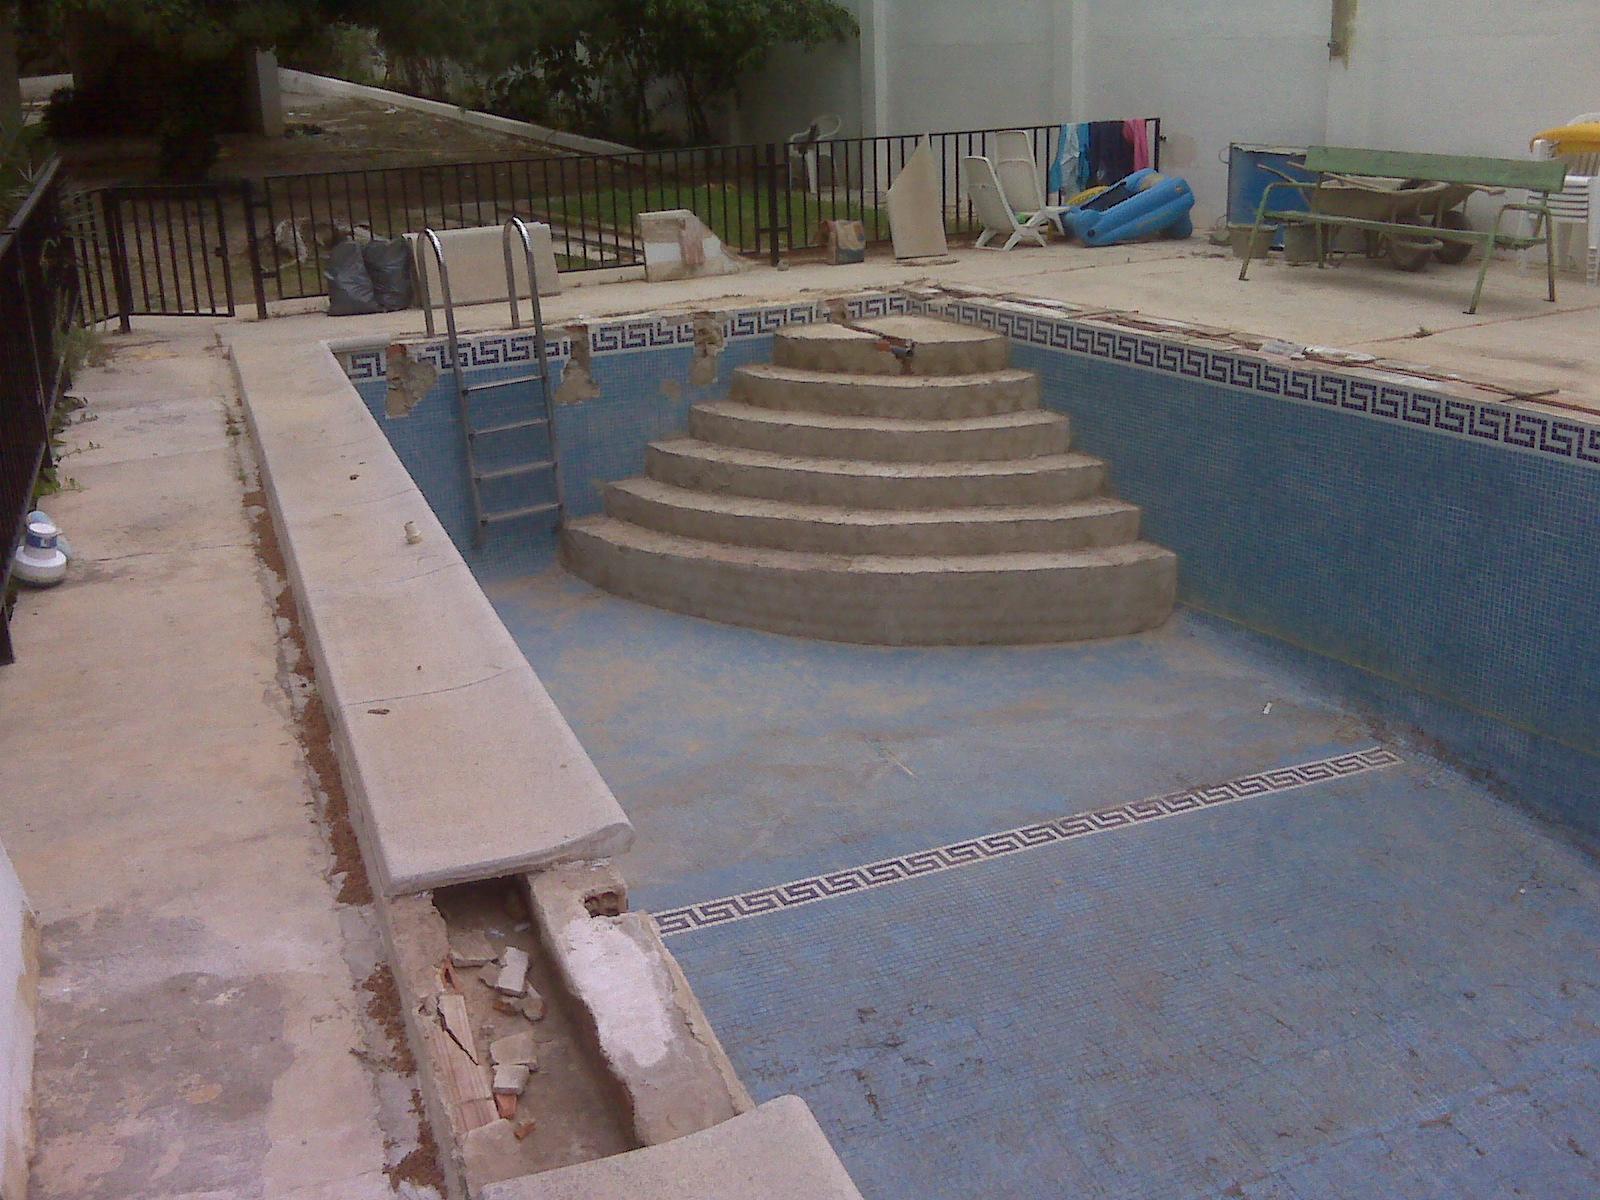 Escaleras de dise o para piscinas casa dise o for Escaleras de piscina